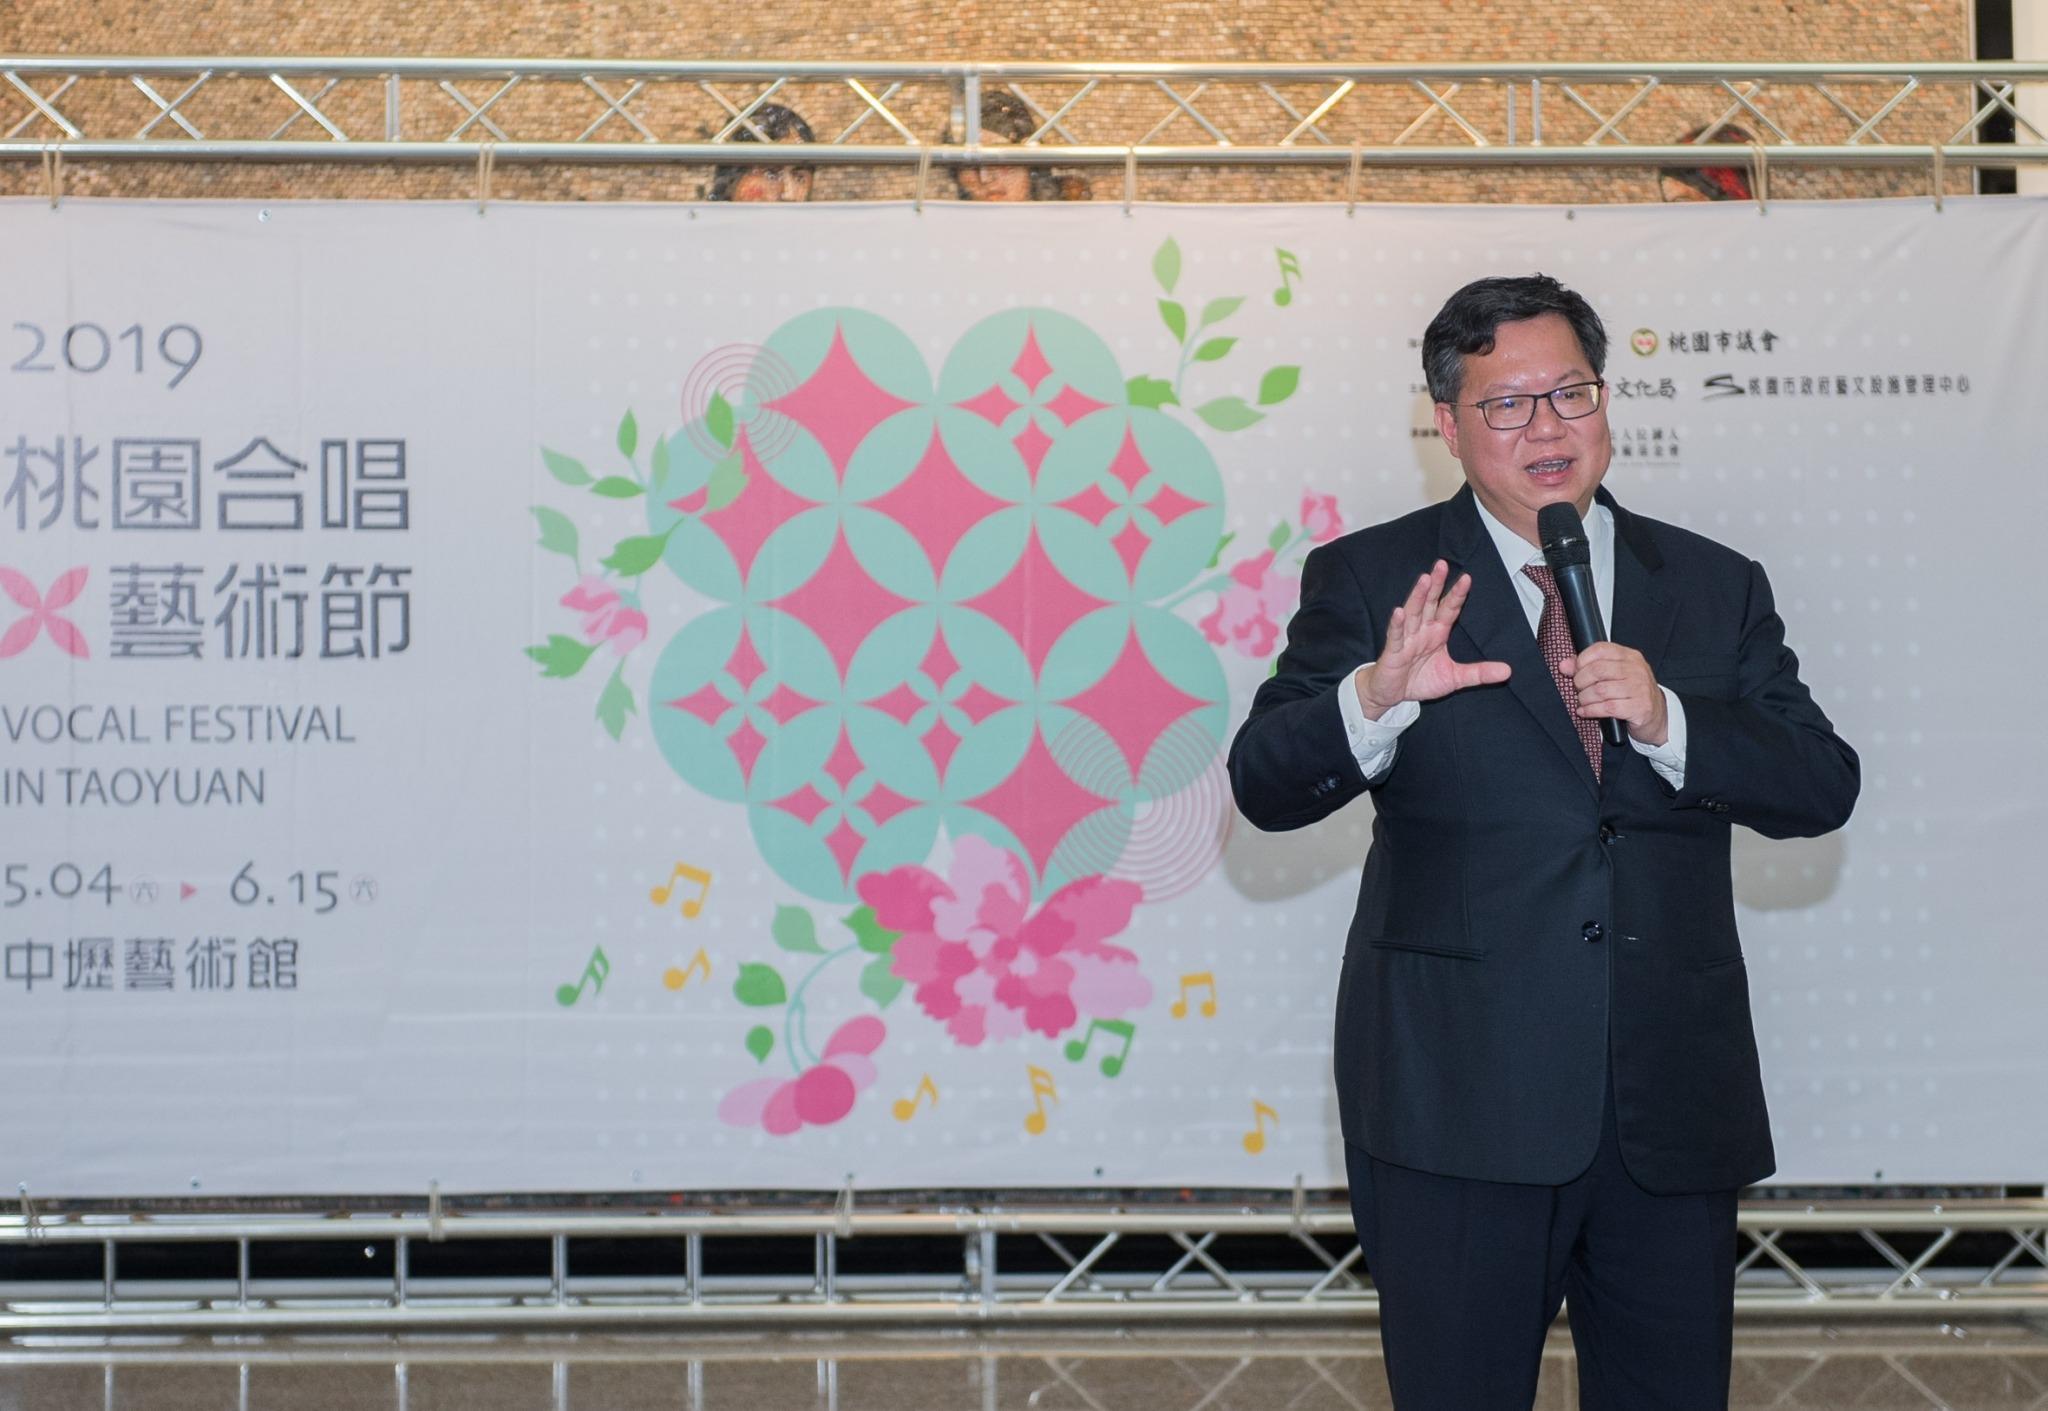 鄭市長表示,2019桃園合唱藝術節推廣人聲合唱藝術,展現城市質感和文化